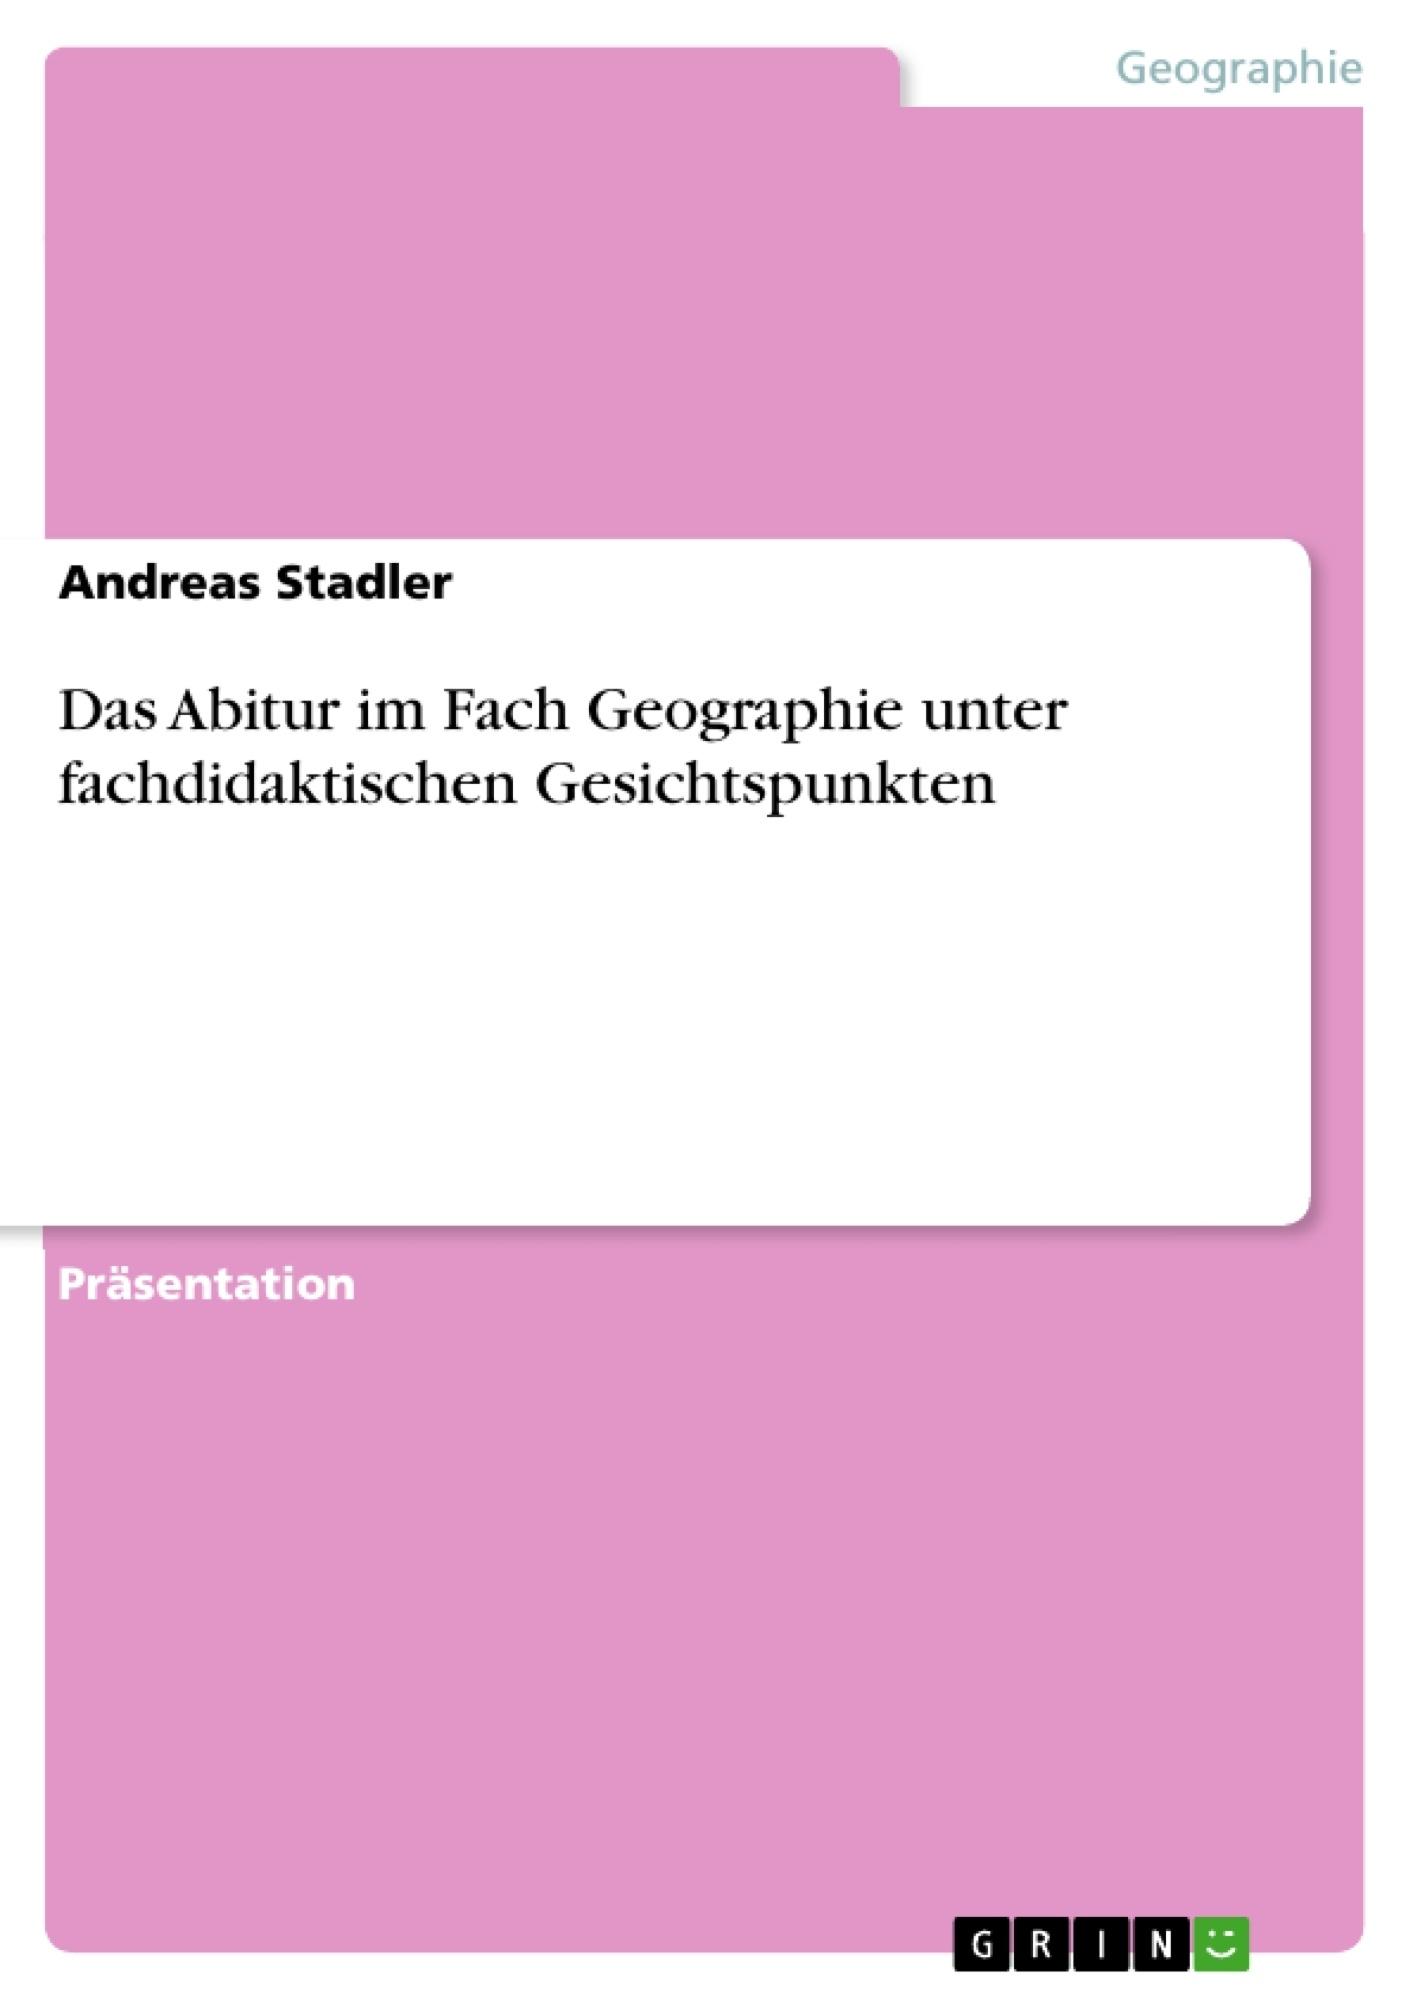 Titel: Das Abitur im Fach Geographie unter fachdidaktischen Gesichtspunkten